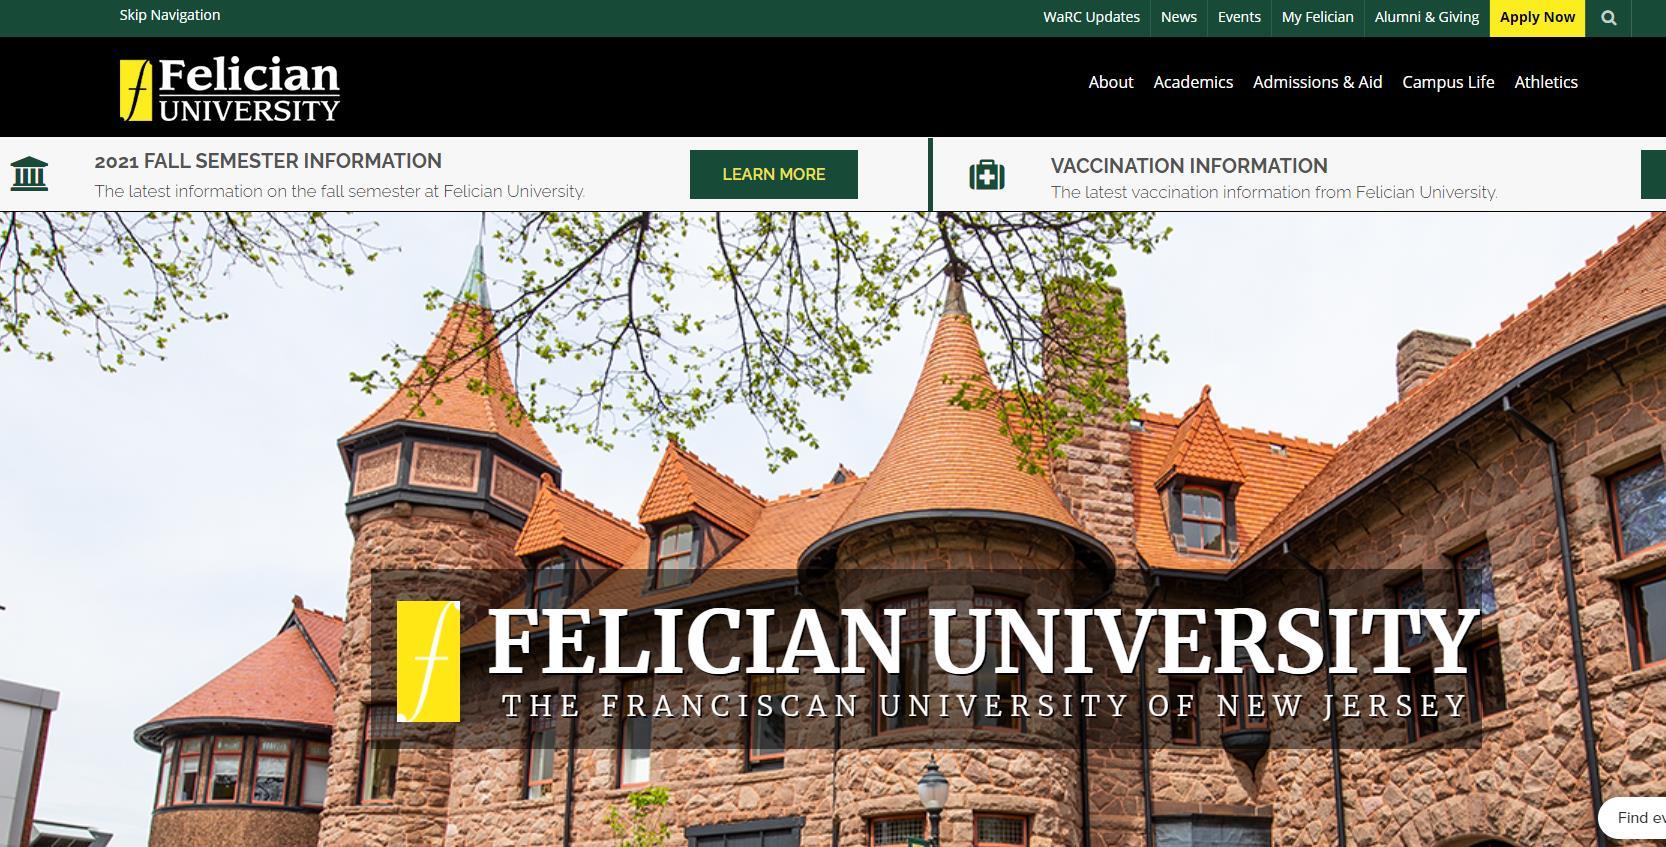 佛里森(Felician)大学官网 美国公立大学